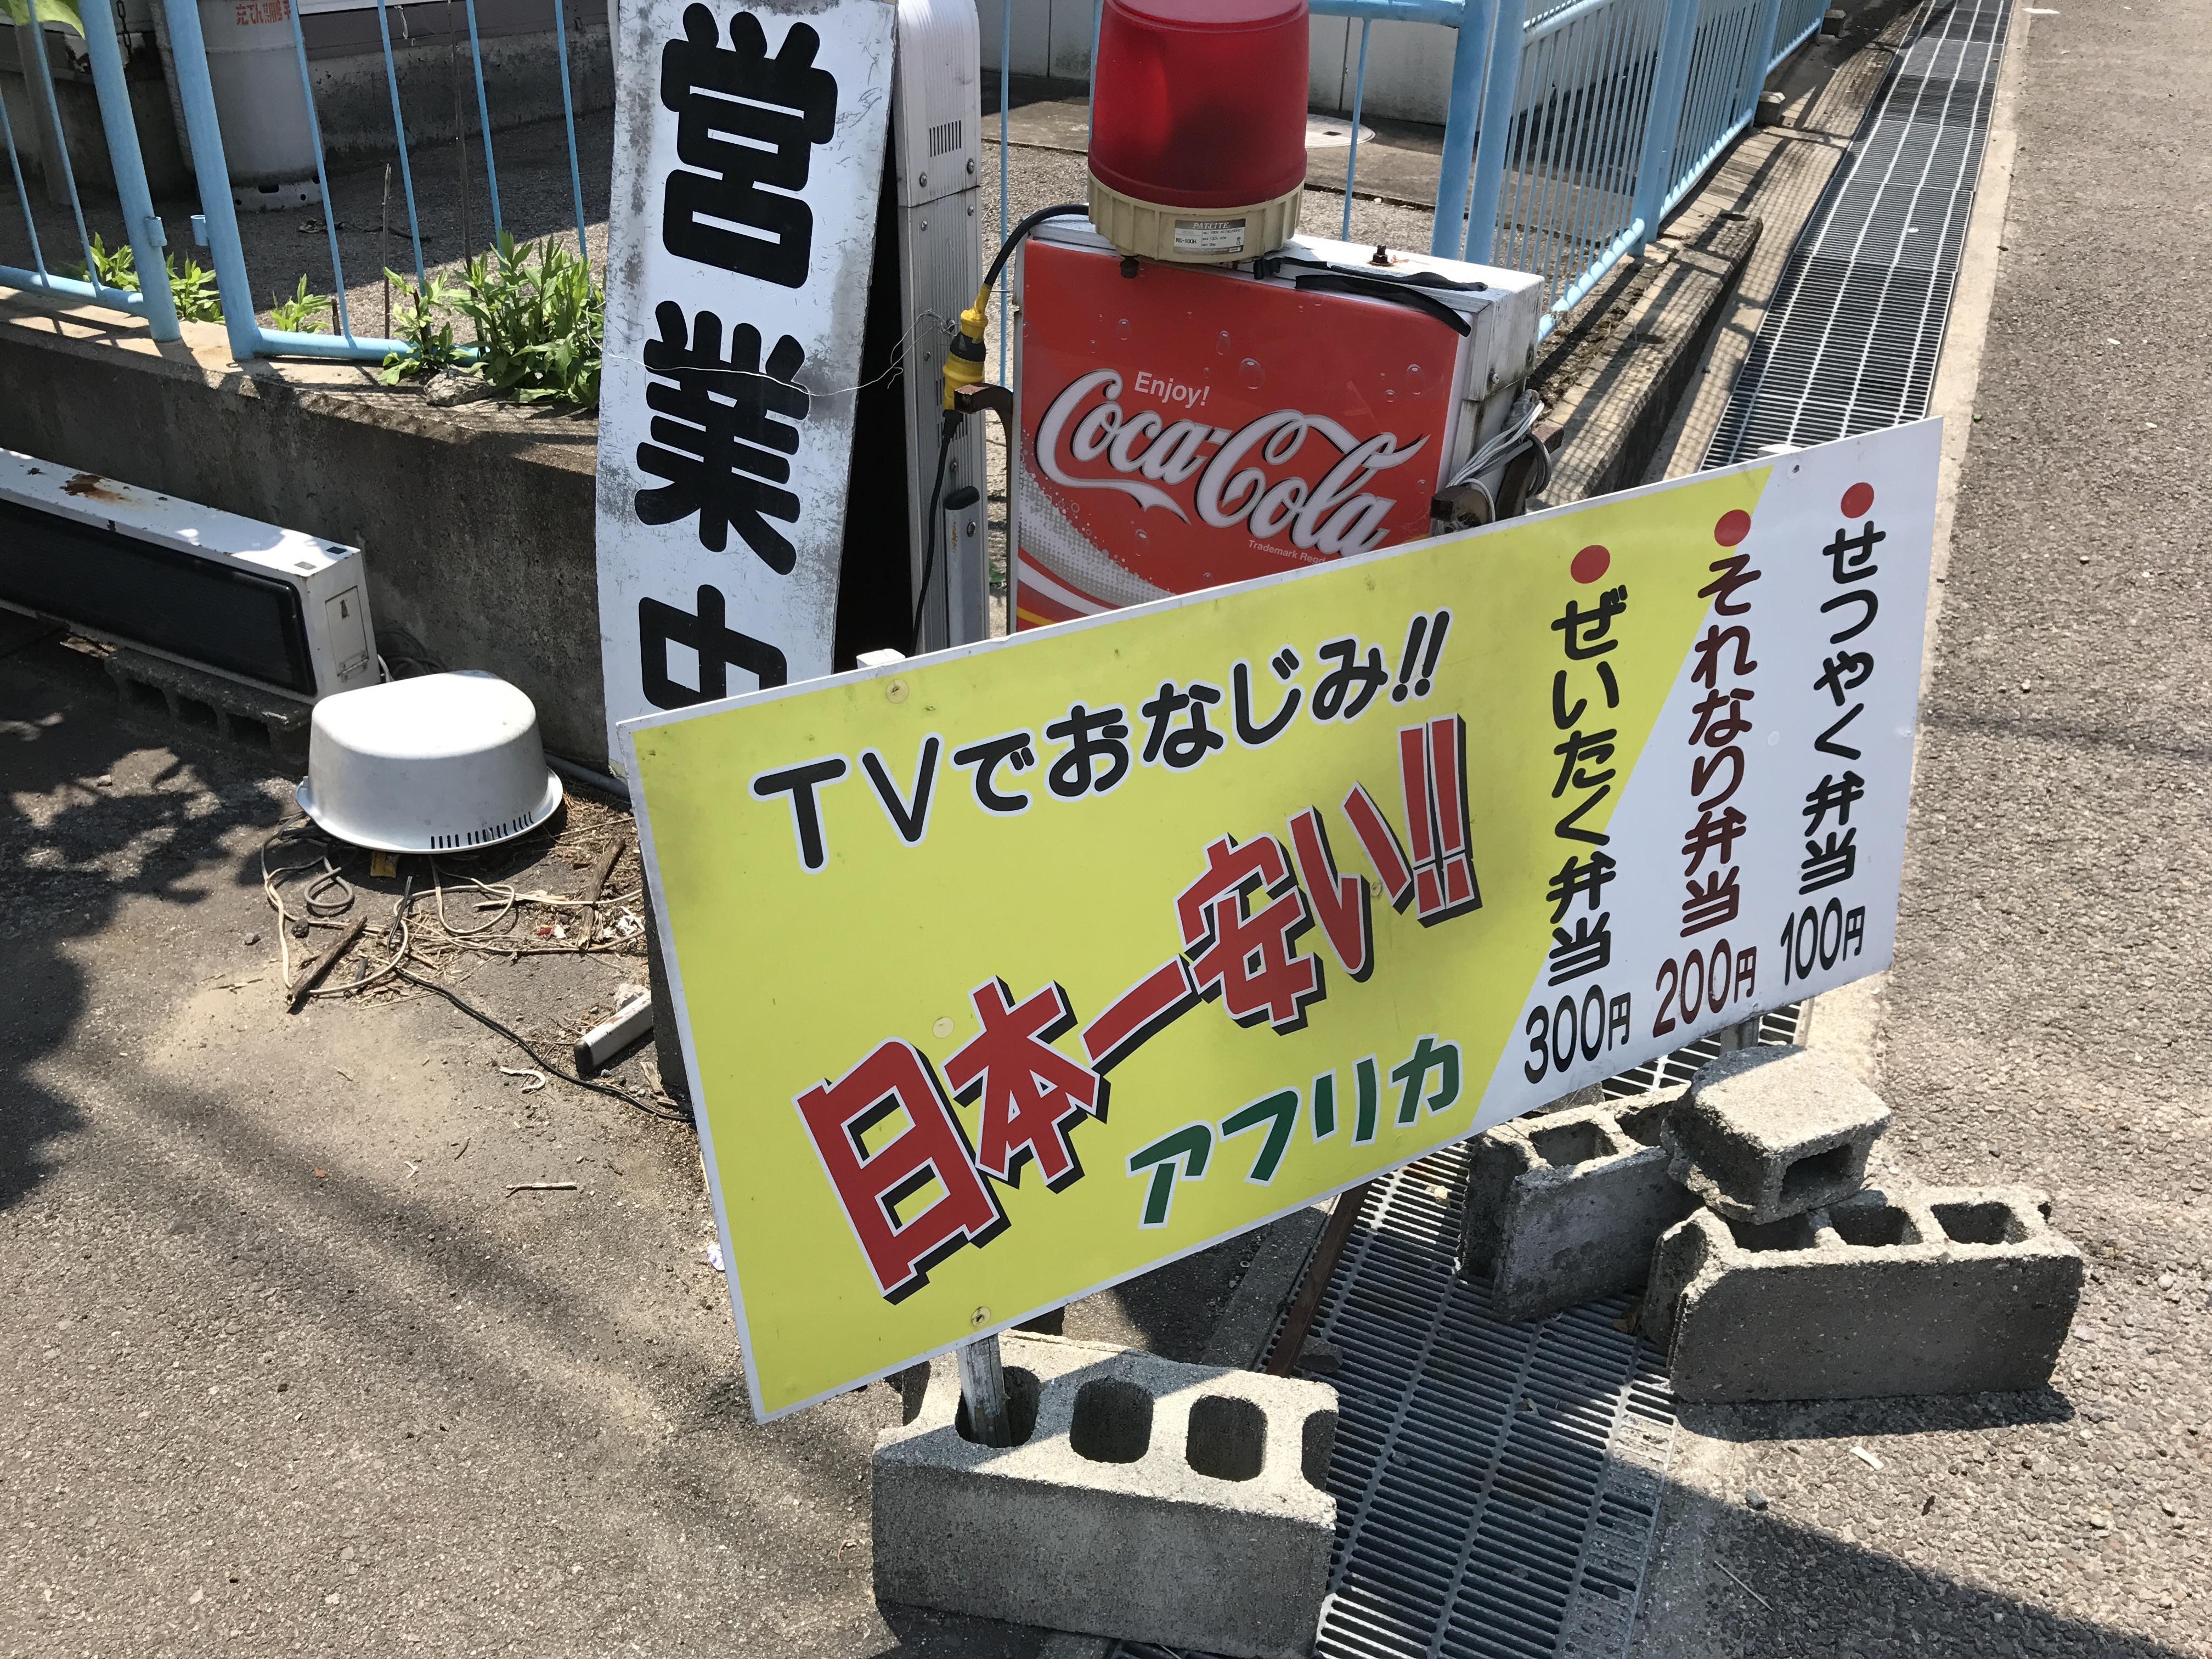 """節約生活にピッタリ!""""日本一安い""""弁当を提供する「カレー&コーヒー アフリカ」の弁当を食べてみたよ!"""